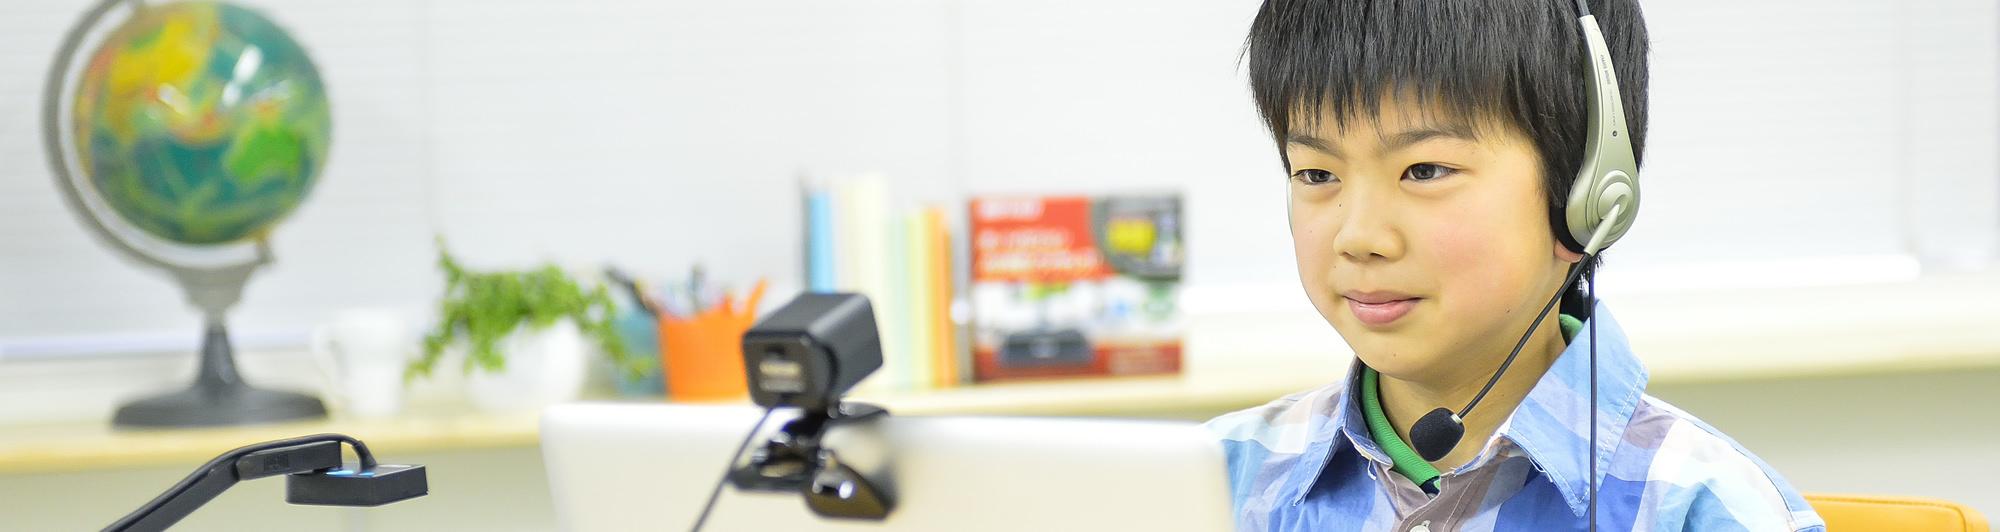 小学生コース|インターネットを使った自宅学習のエイドネット